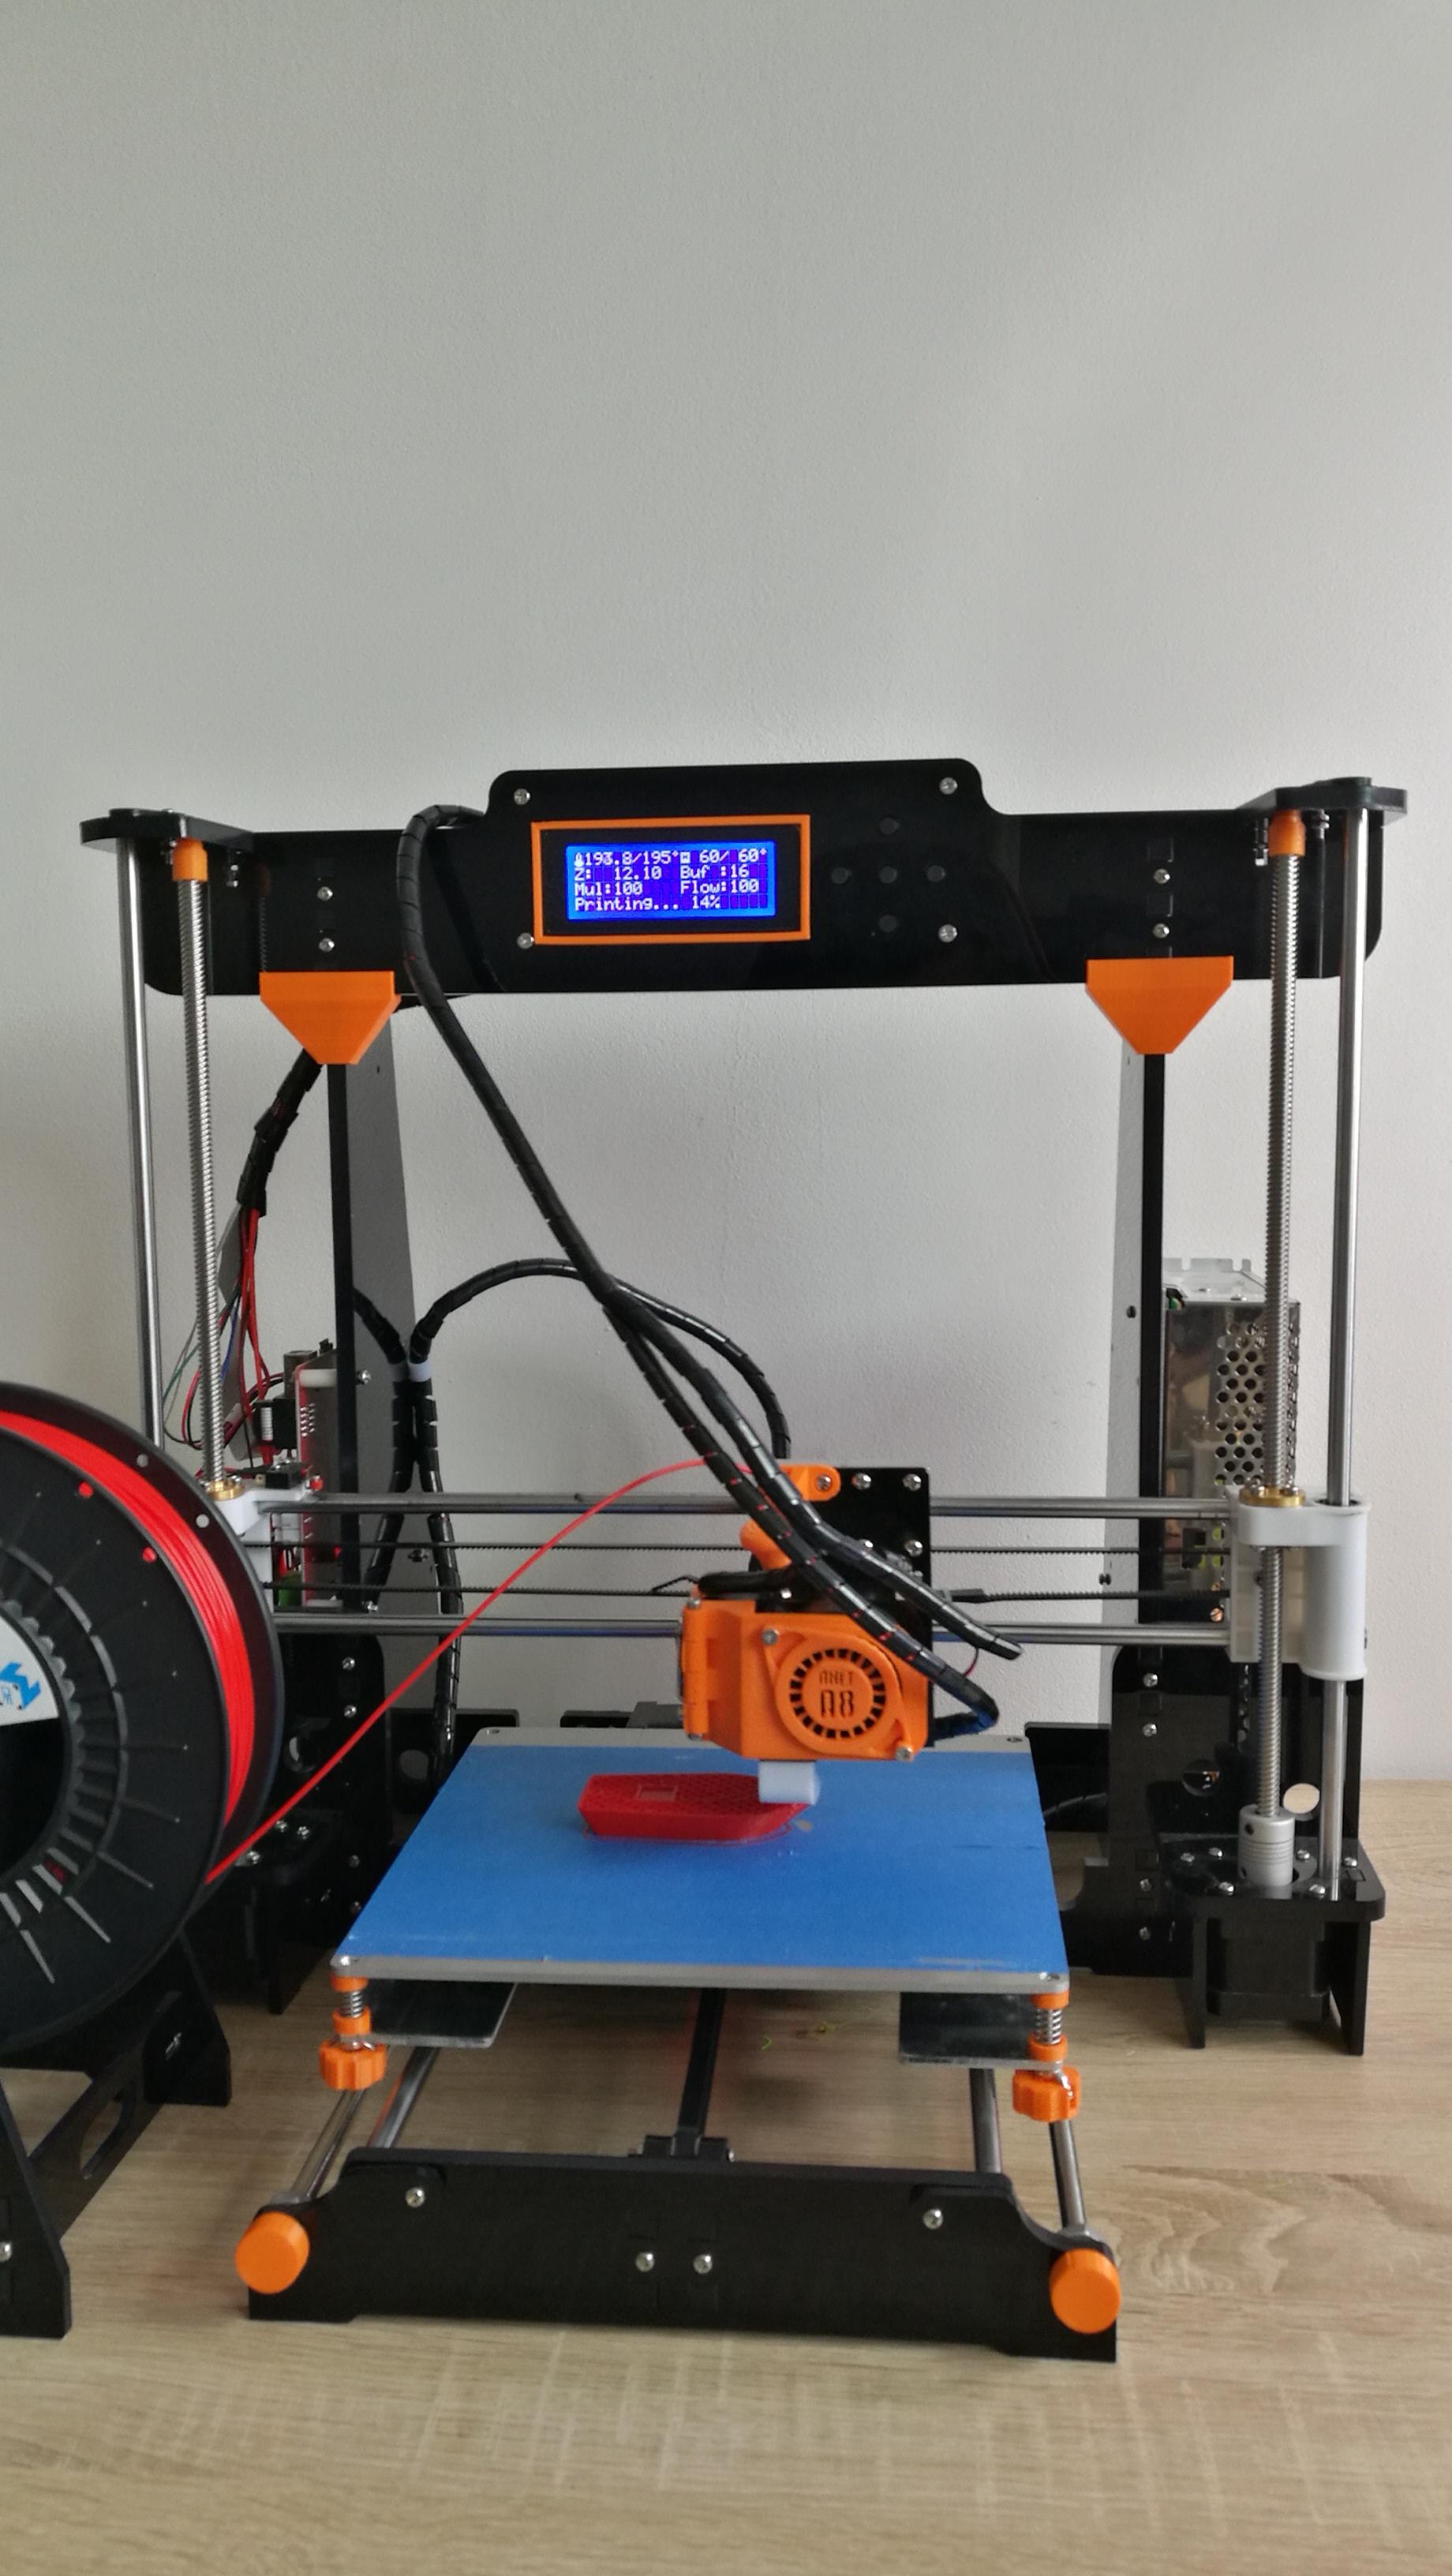 [TEST] Imprimante 3D Anet A8